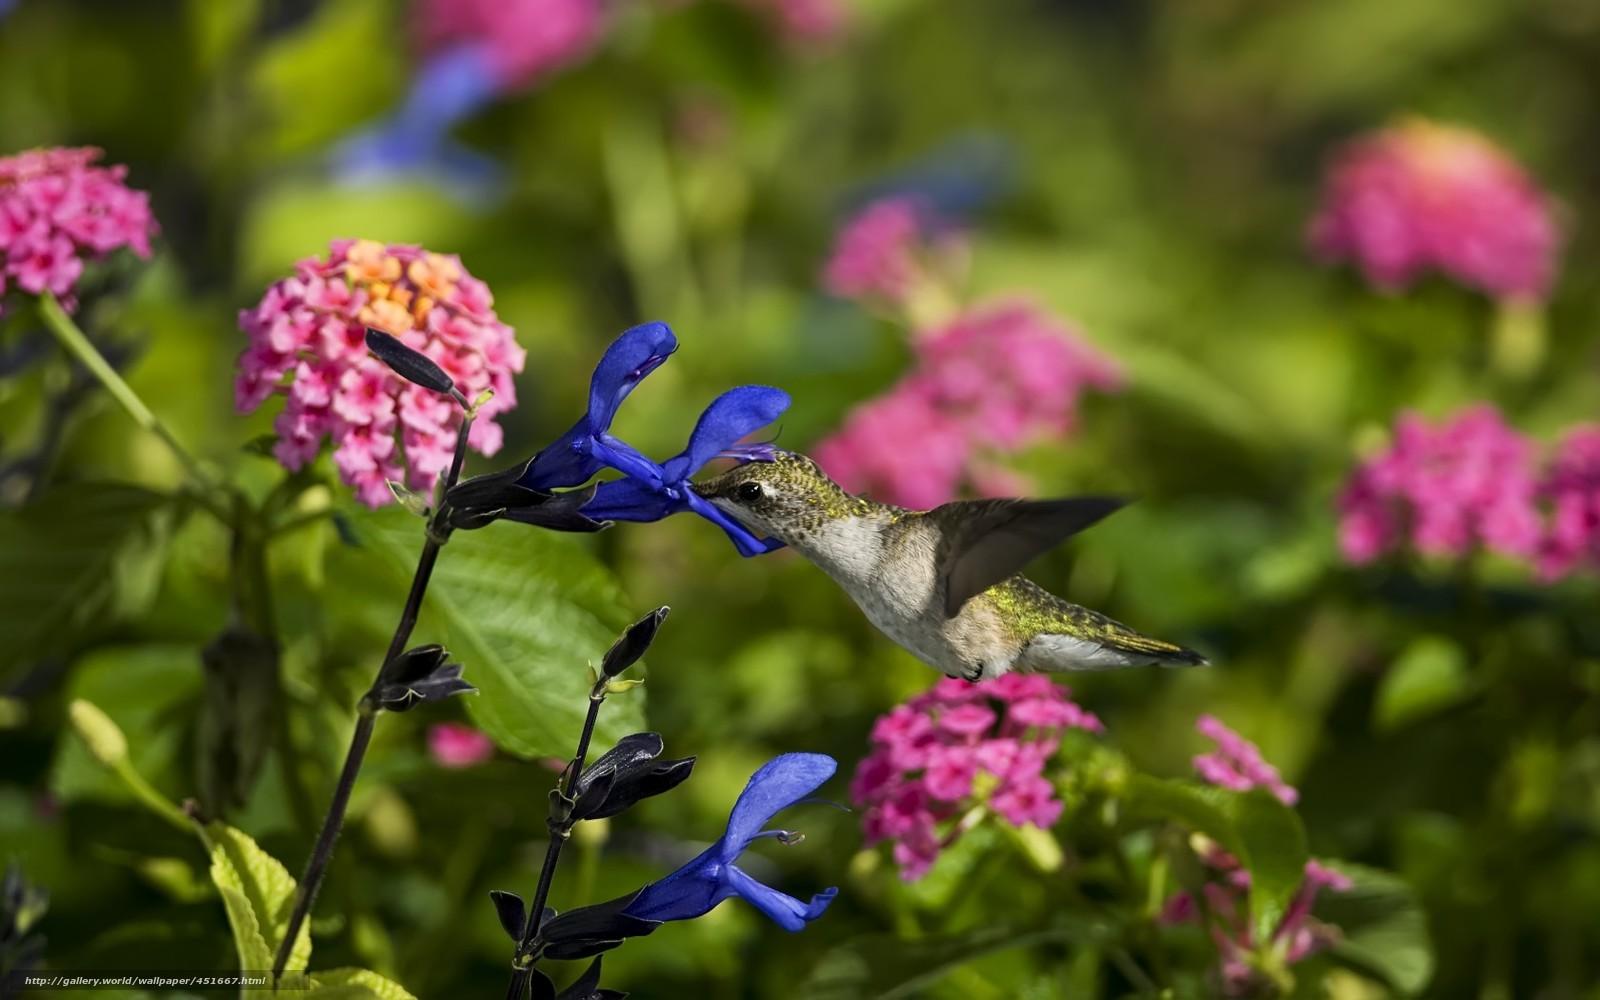 Скачать обои птица,  колибри,  цветы,  полевые бесплатно для рабочего стола в разрешении 1680x1050 — картинка №451667